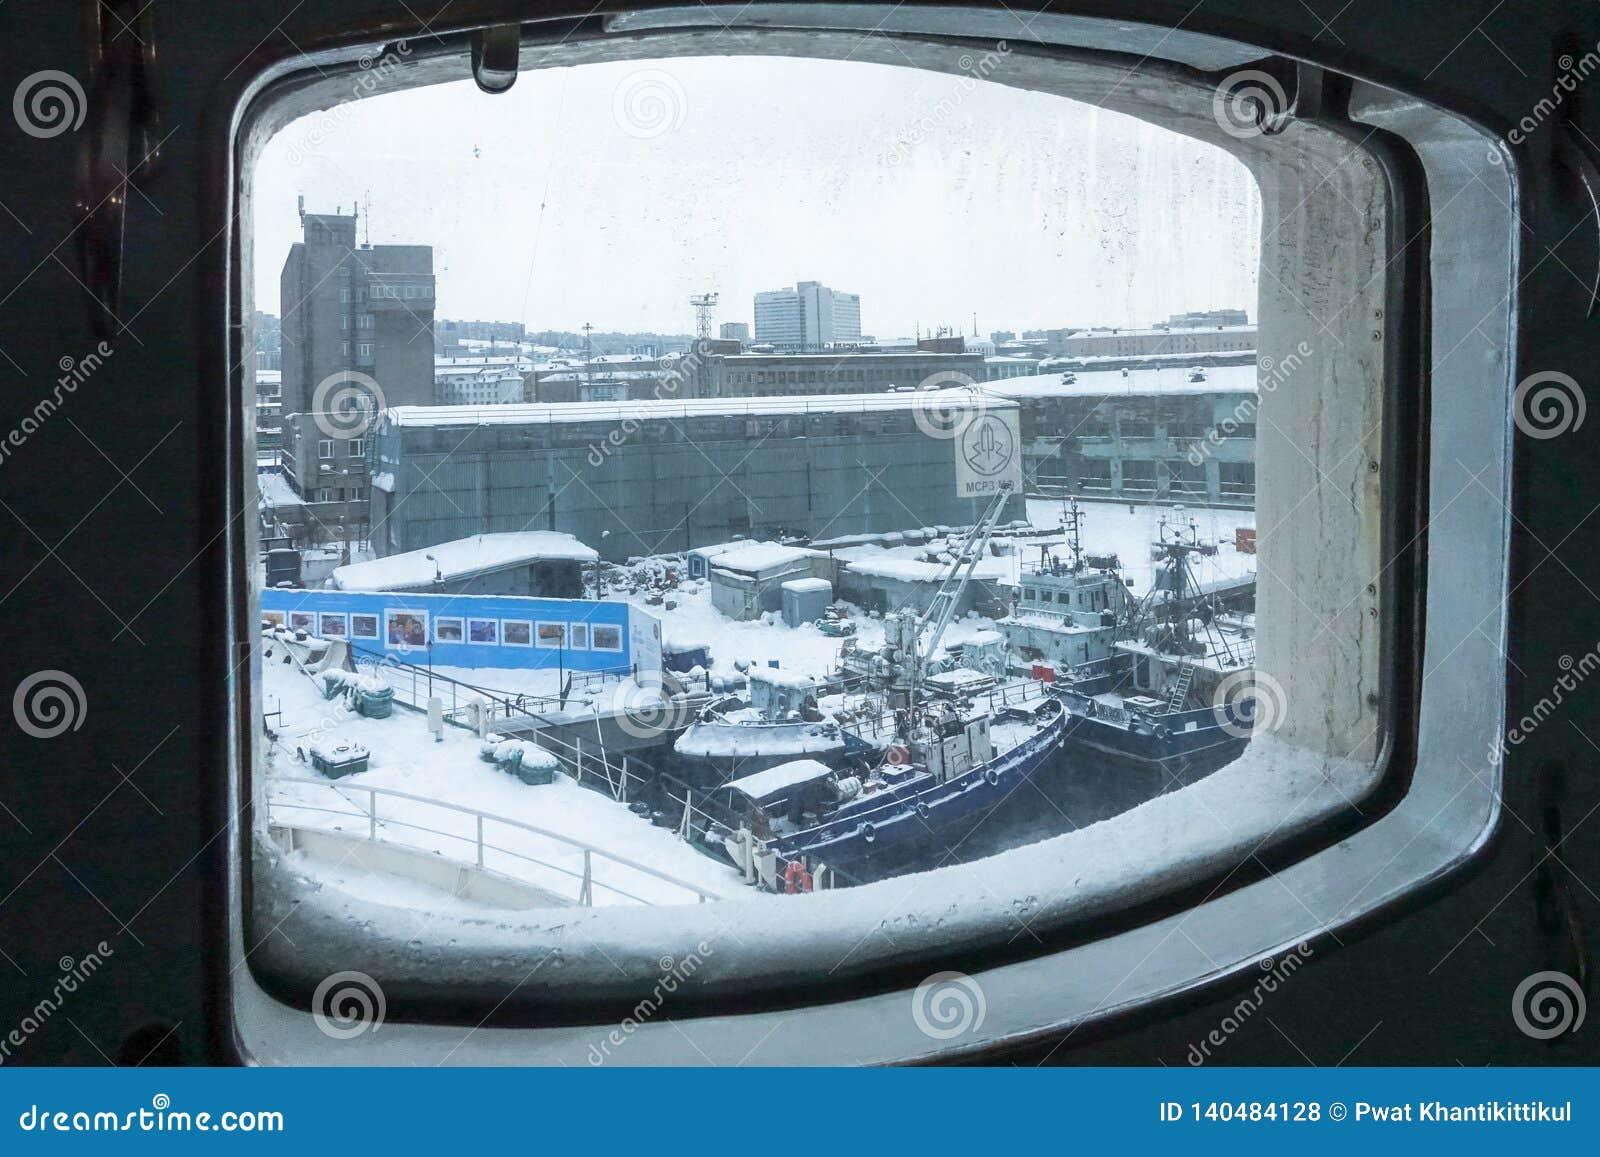 Binnen eerste Sovjet atoomicebreaker 'Lenin 'legde voor altijd in de haven van Moermansk vast, de Kolabaai